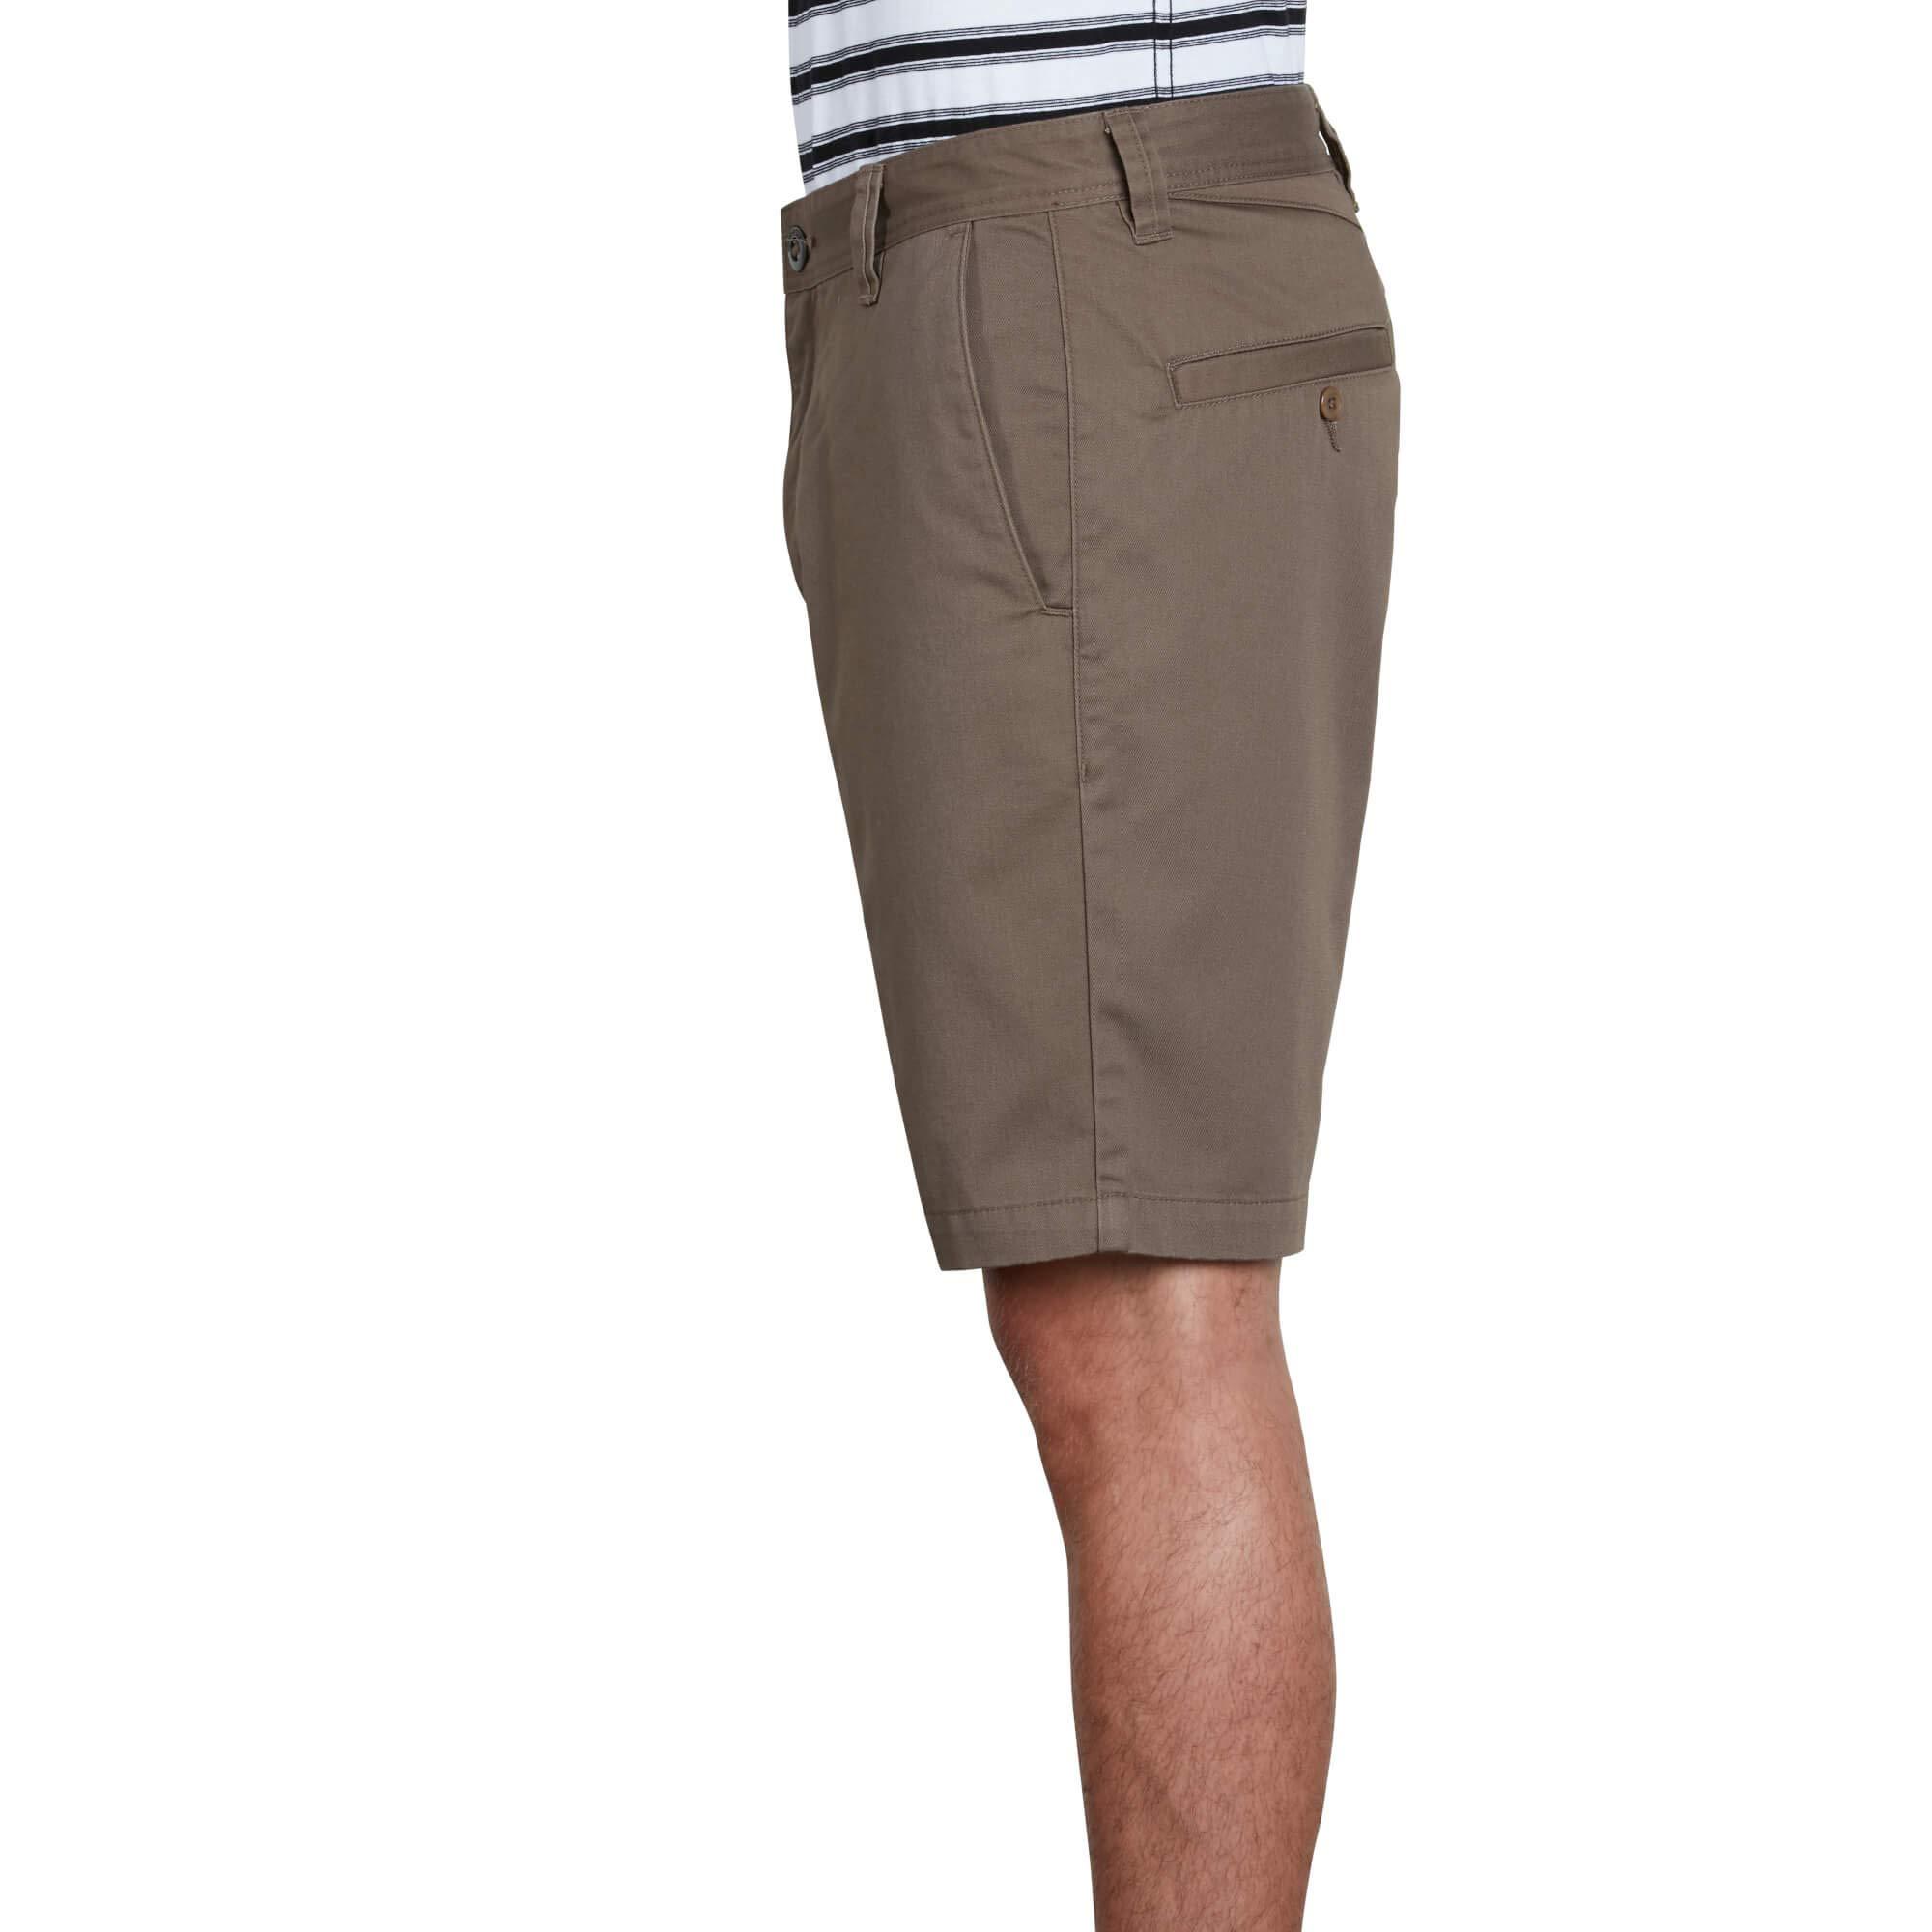 Volcom Men's Frickin Drifter 20'' Chino Walk Short, Mushroom, 32